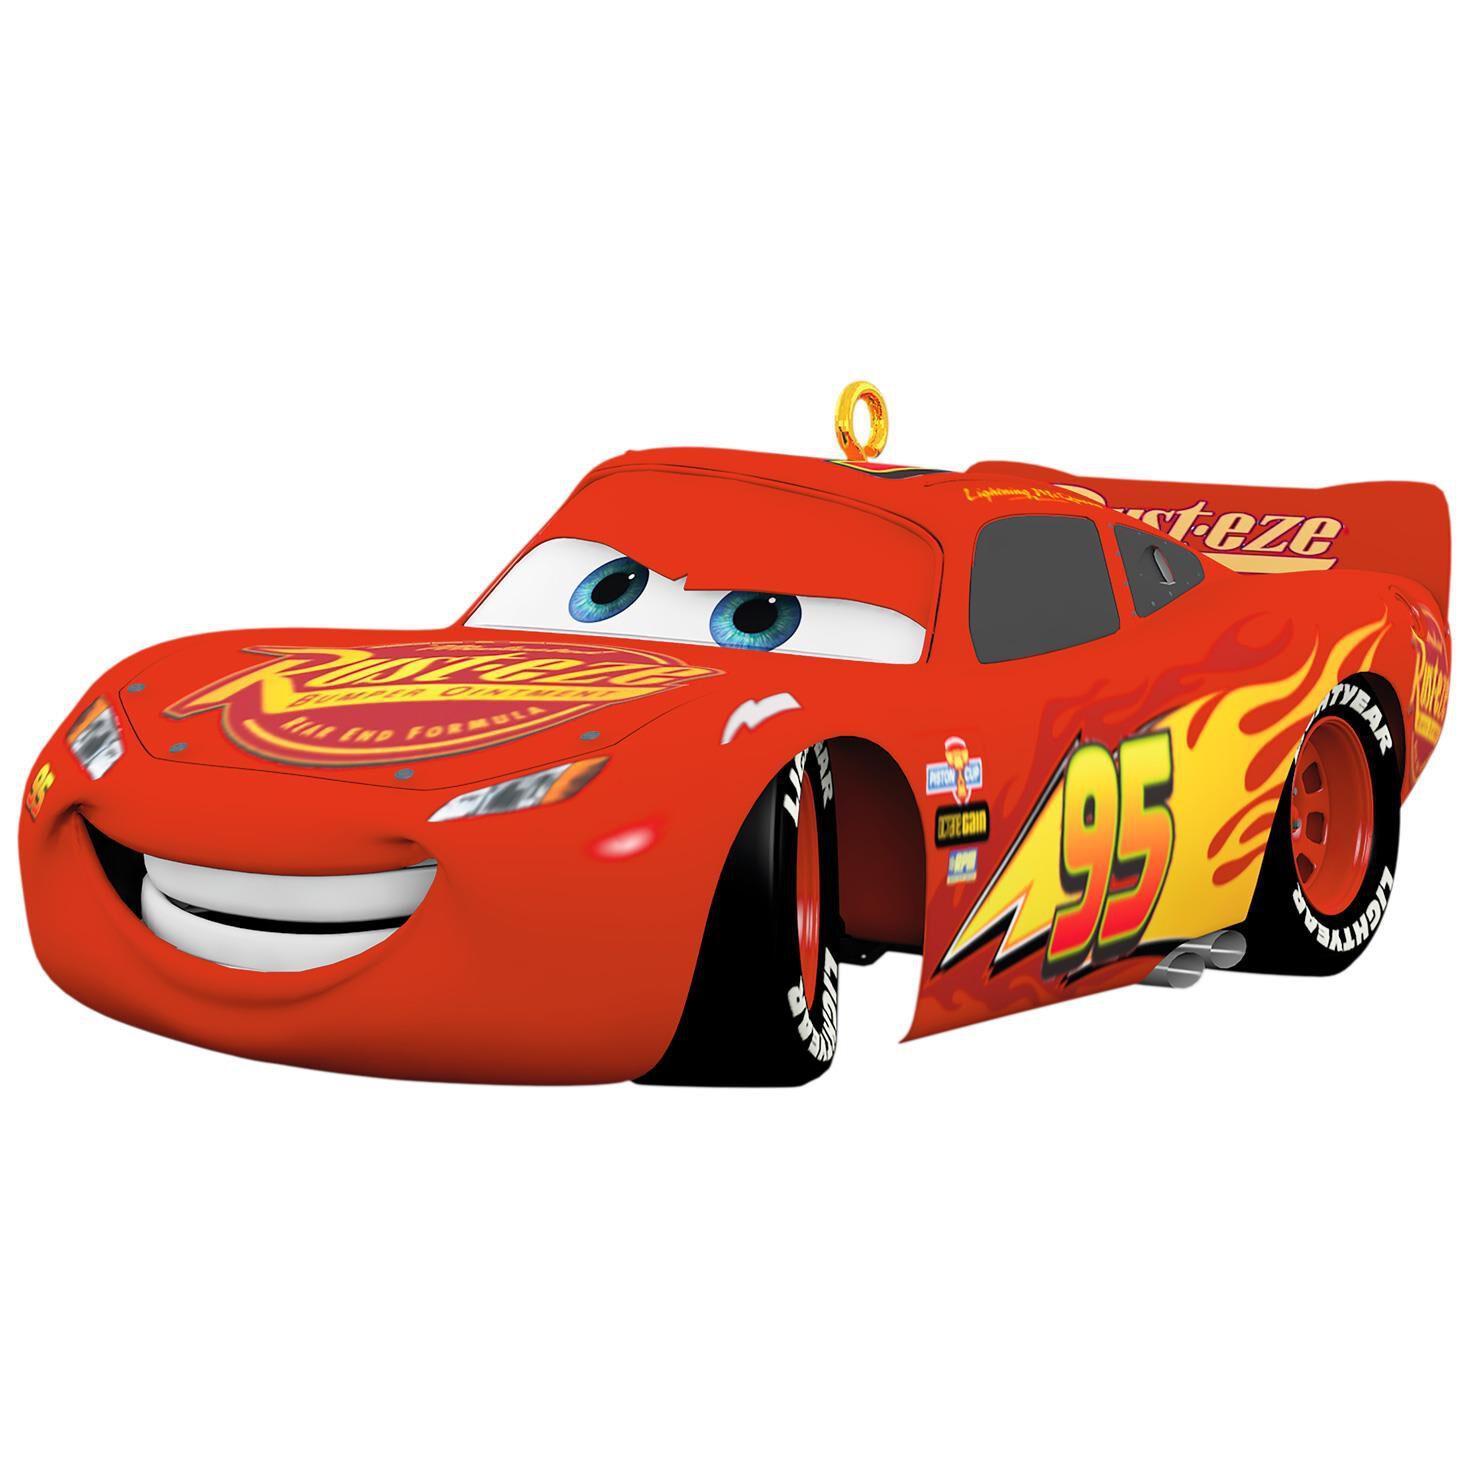 Disney cars 3 lightning mcqueen sound ornament keepsake ornaments hallmark